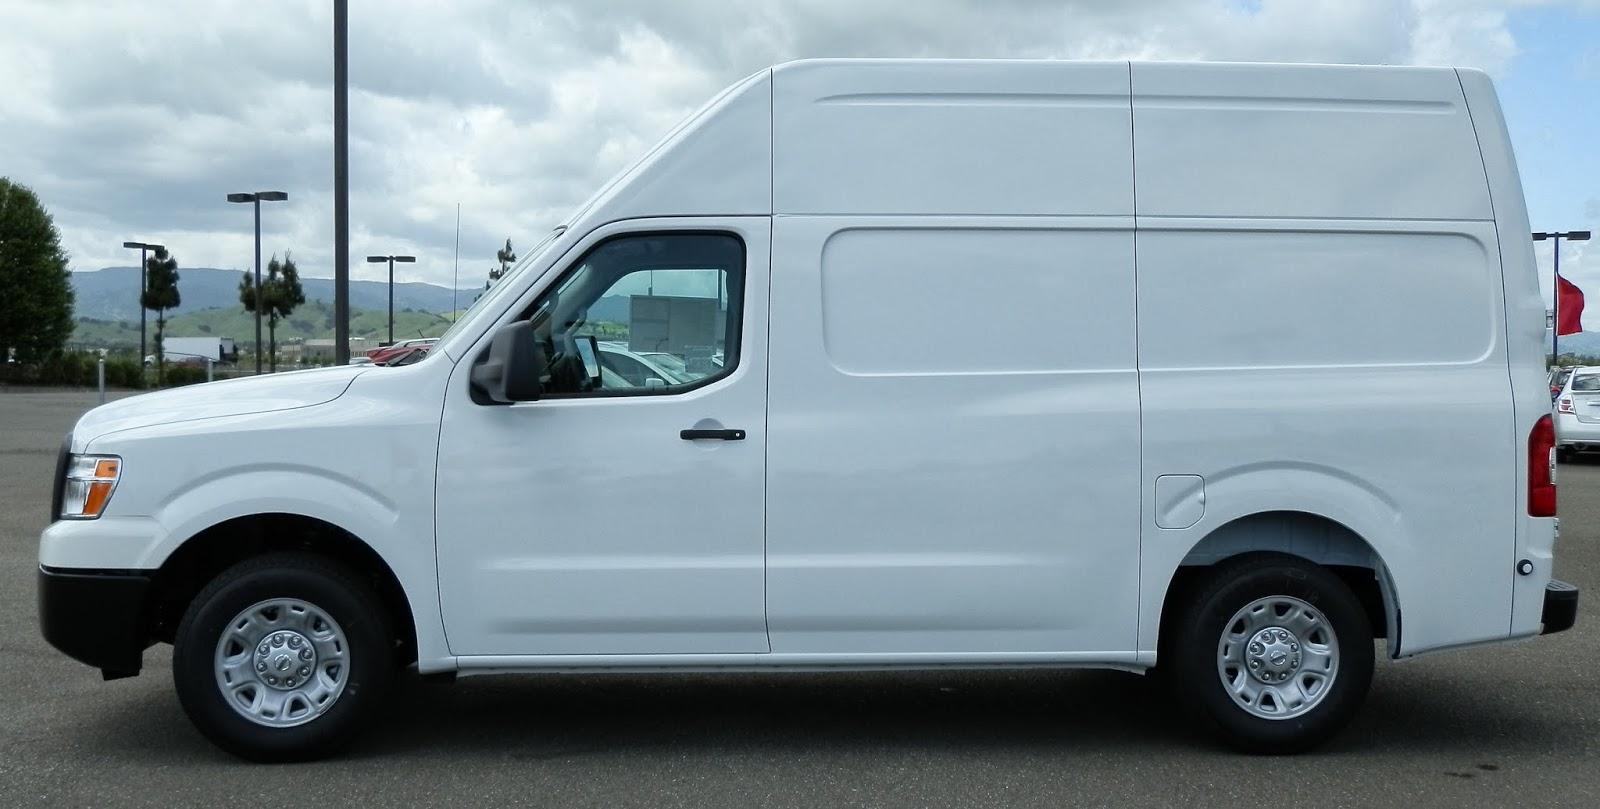 Nissan Elk Grove >> Vacaville Nissan Fleet: Vacaville Nissan NV Cargo Van of ...